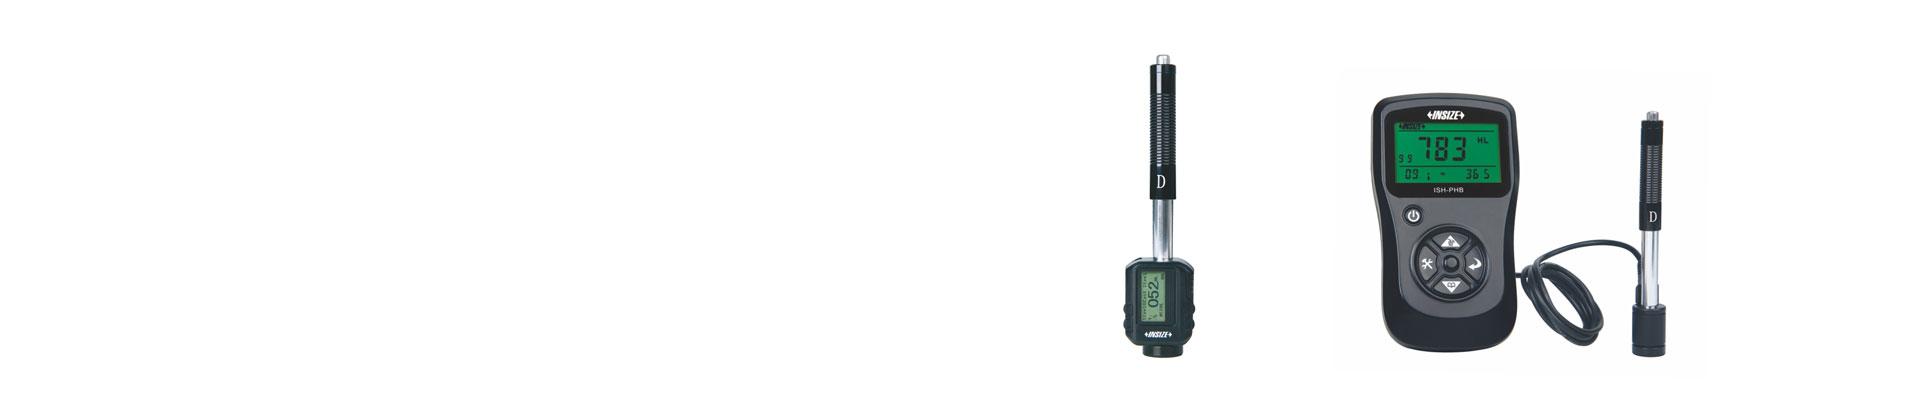 Digitale Härteprüfgeräte , Mobile und stationäre Härteprüfgeräte